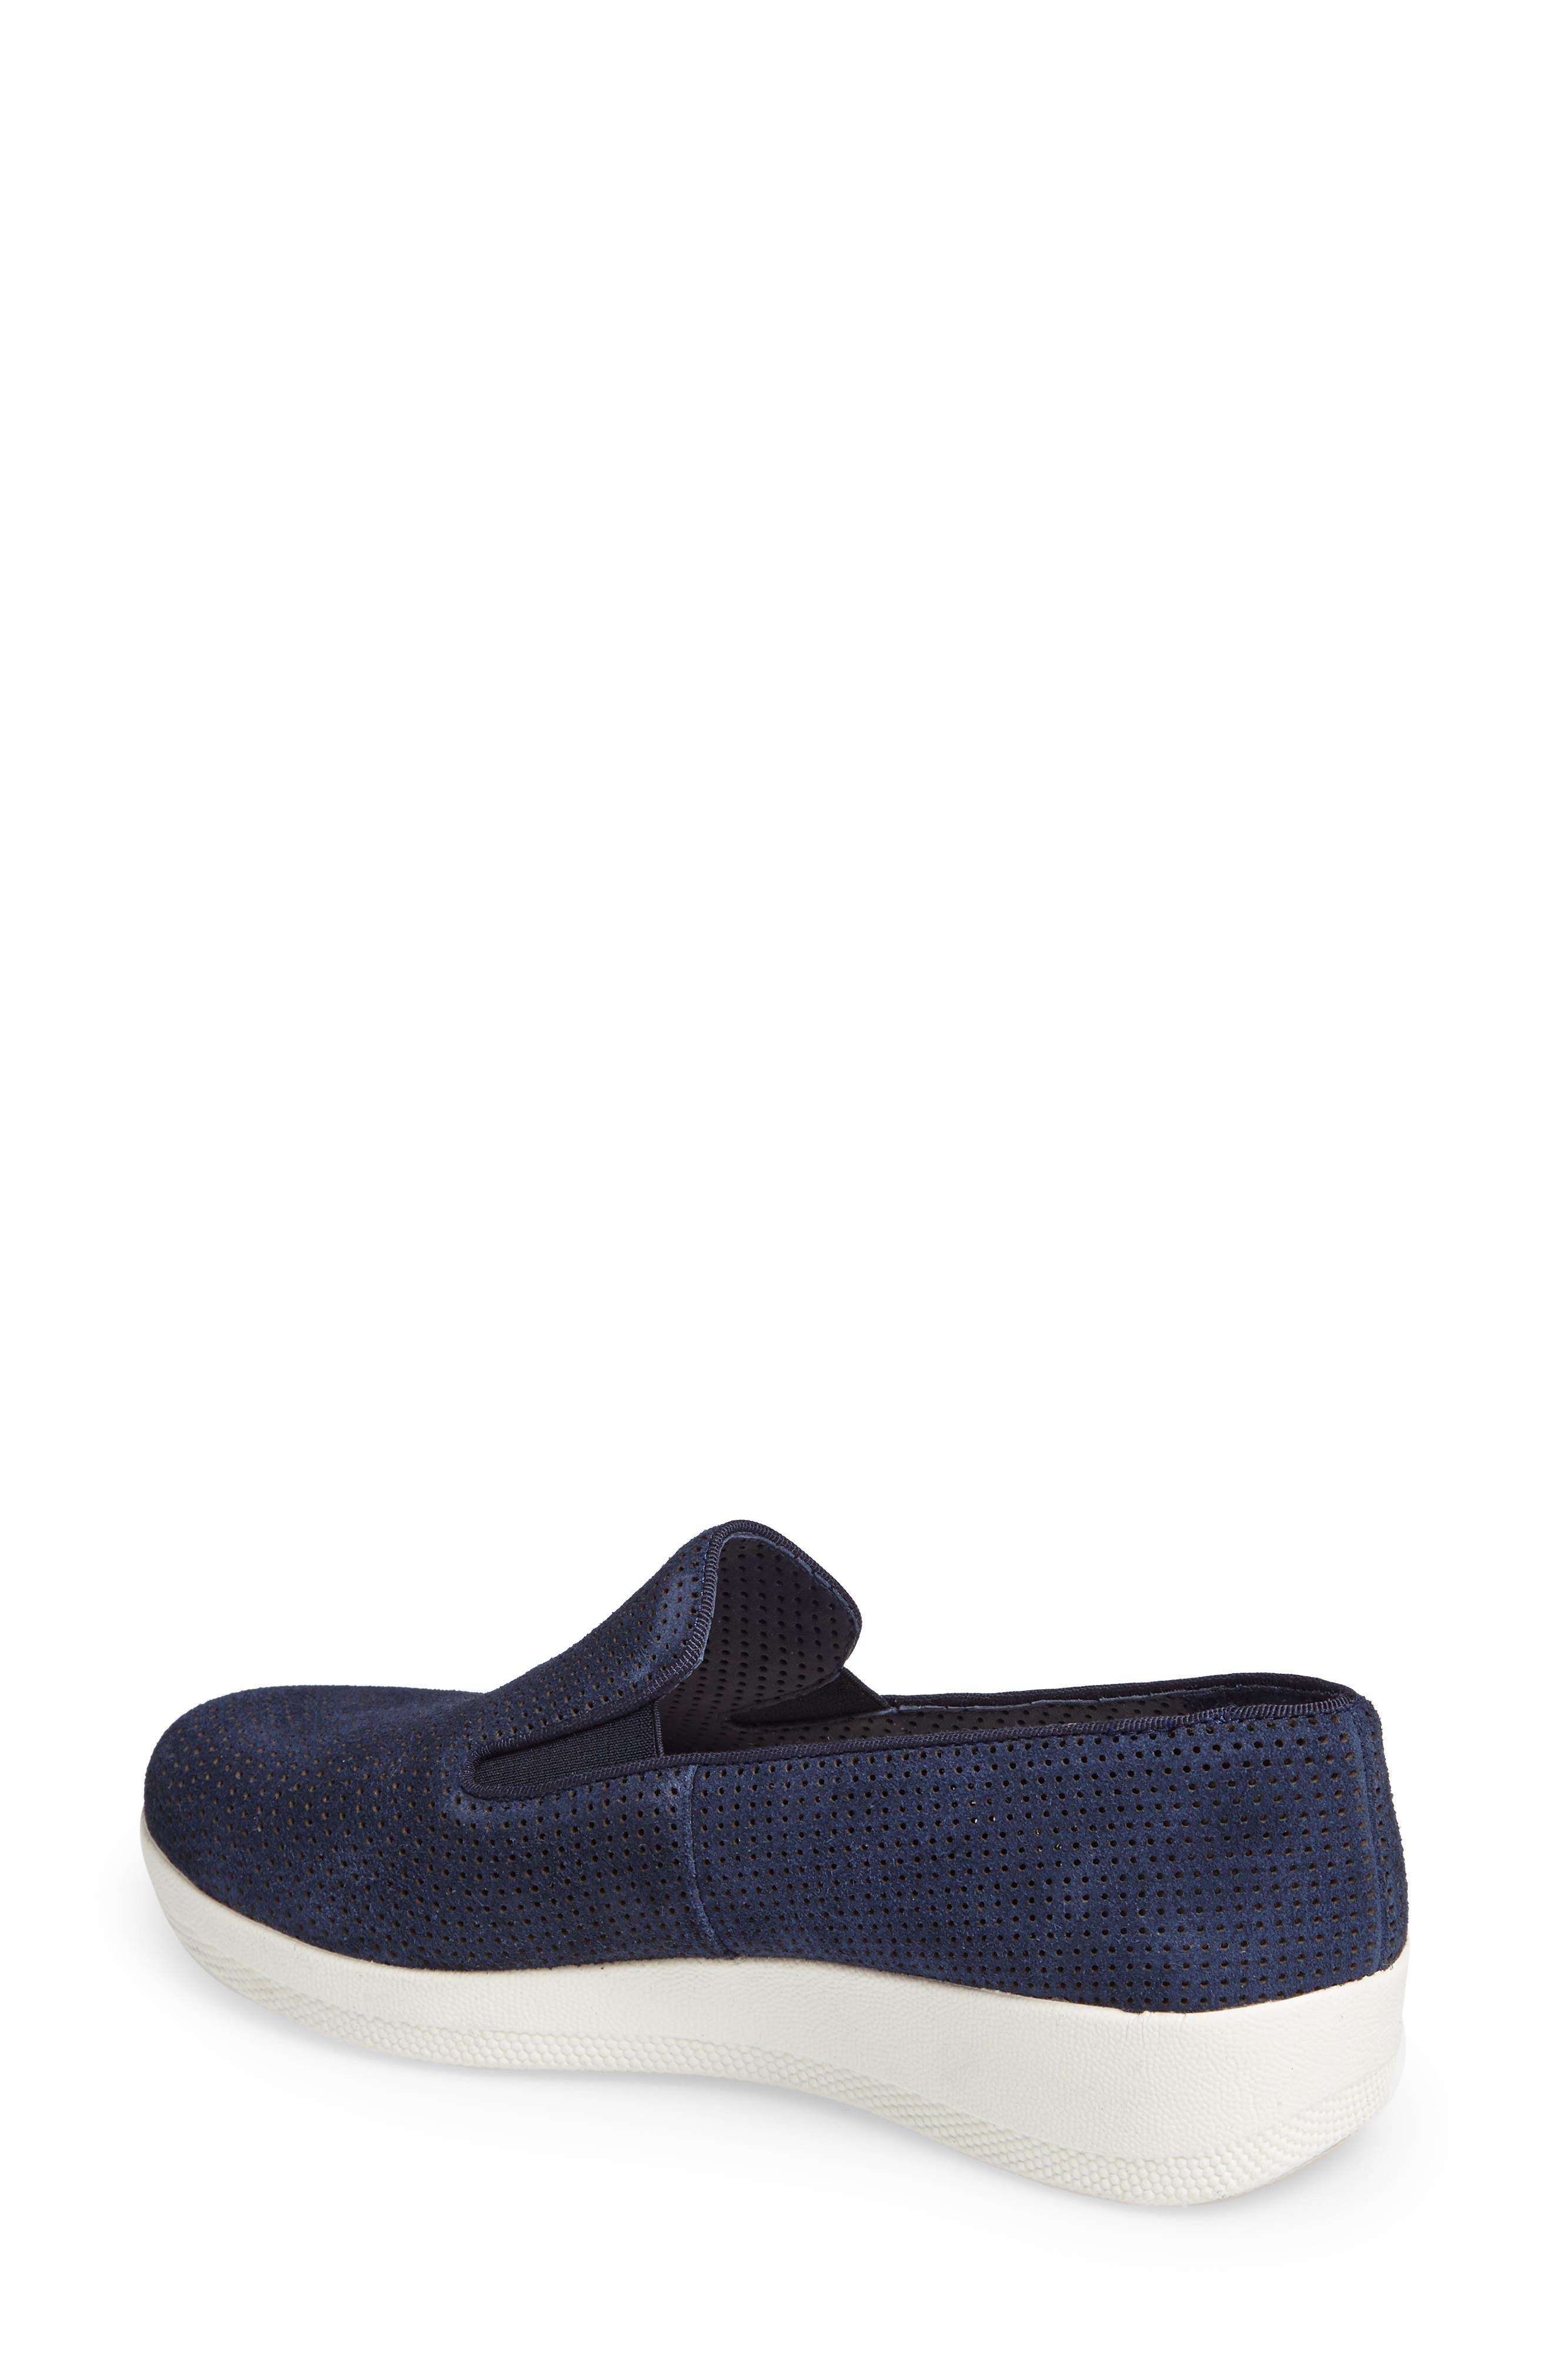 Superskate Slip-On Sneaker,                             Alternate thumbnail 33, color,